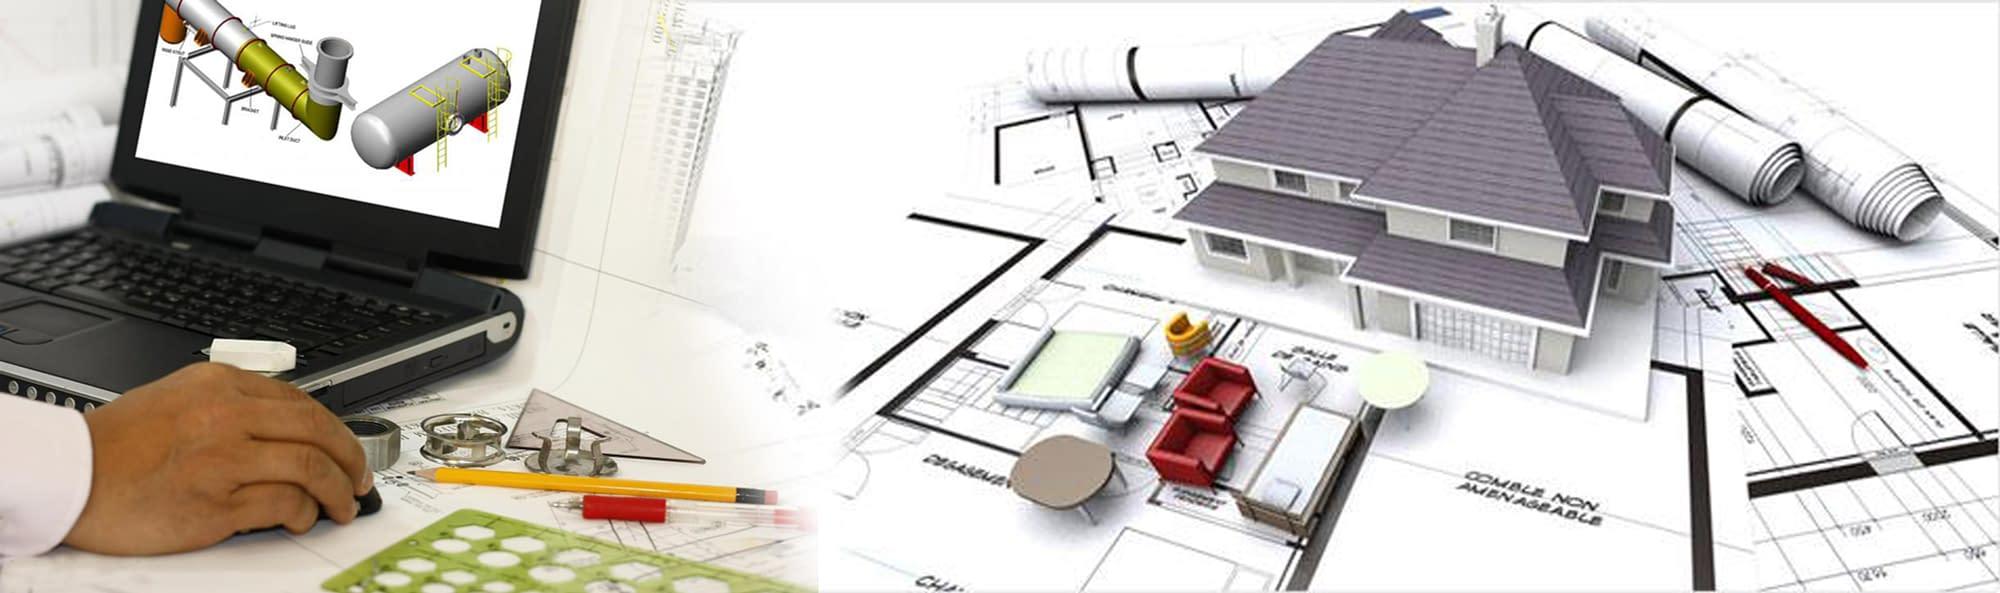 Impara a progettare con Autocad 3D attraverso il nostro corso a Caserta